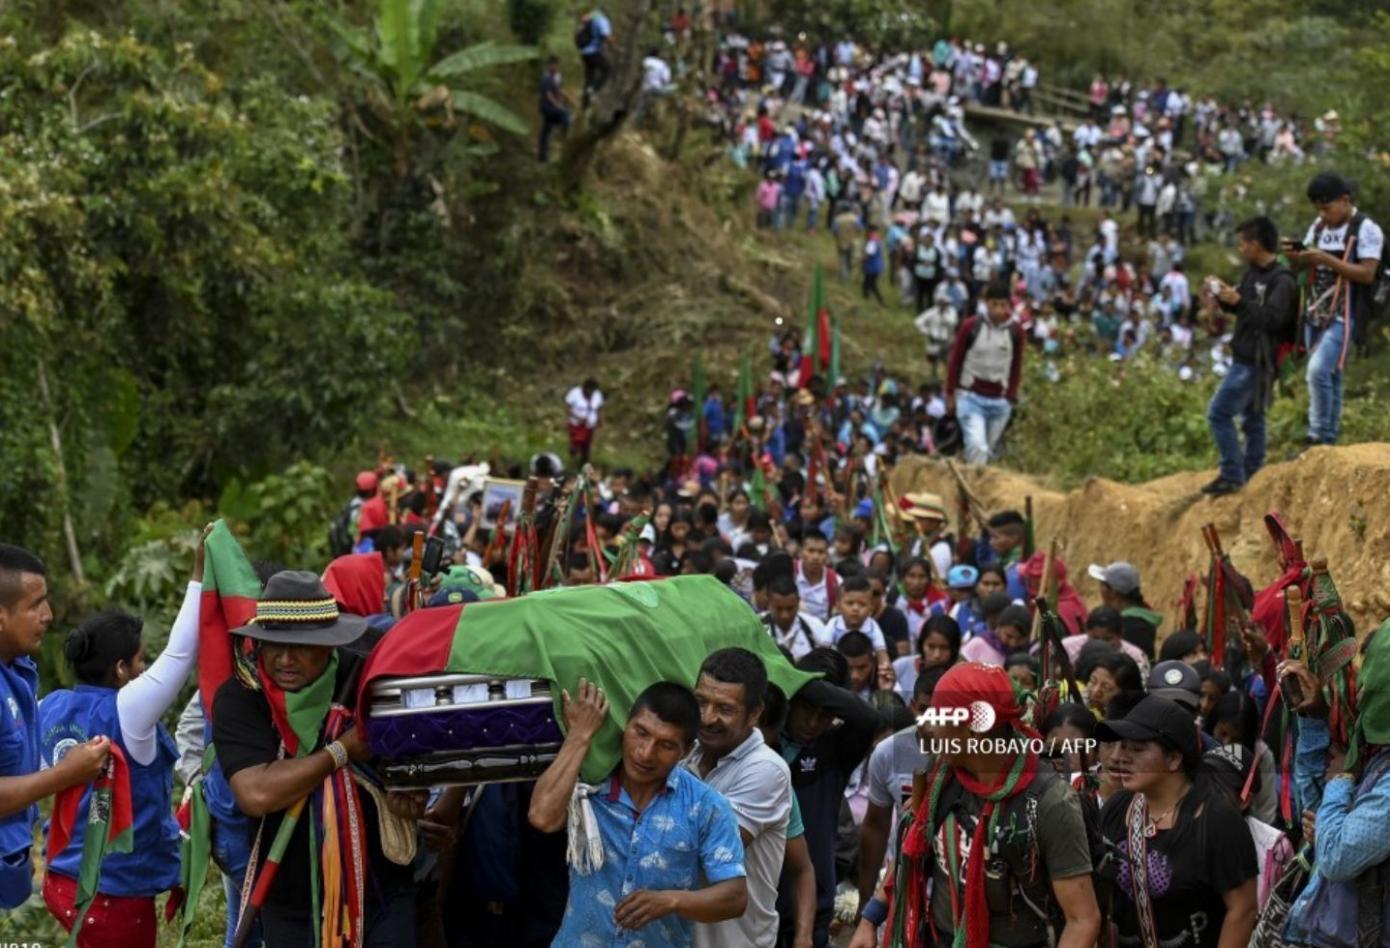 Se cumplieron las honras funebres de Indigenas asesinados en el Cauca